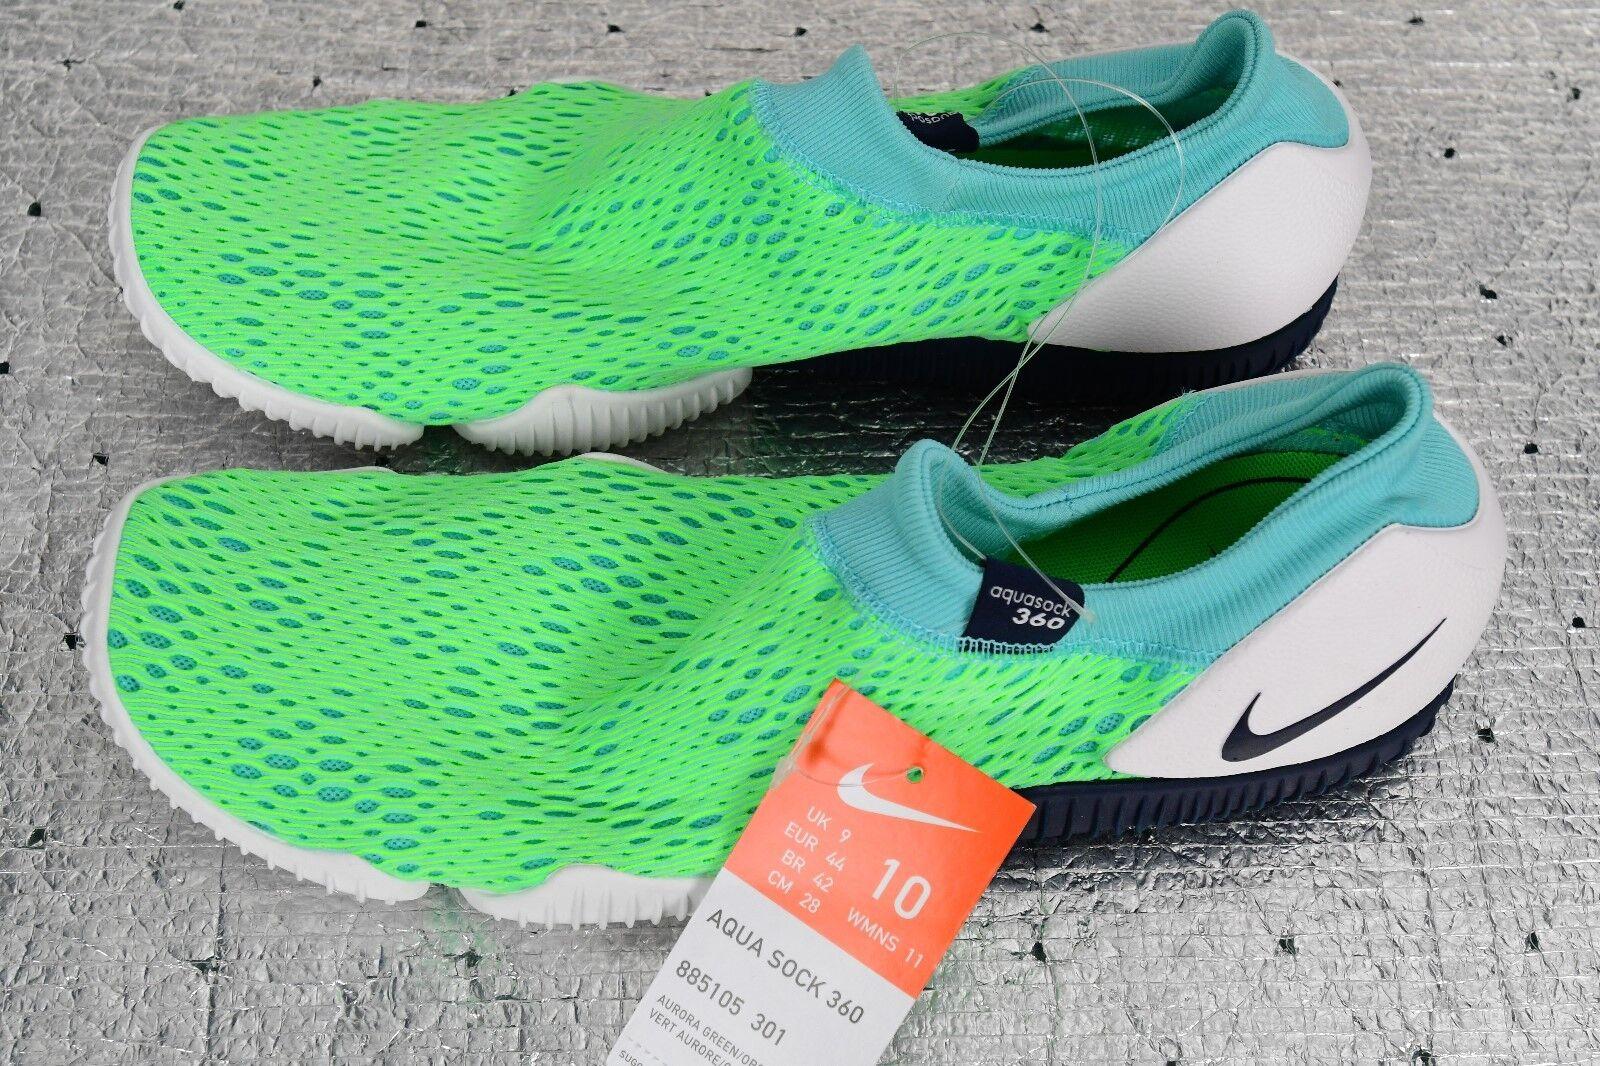 Nuove nike aqua sock 360 uomini e 10 donne '11 dimensioni mocassini 885105-301 verde